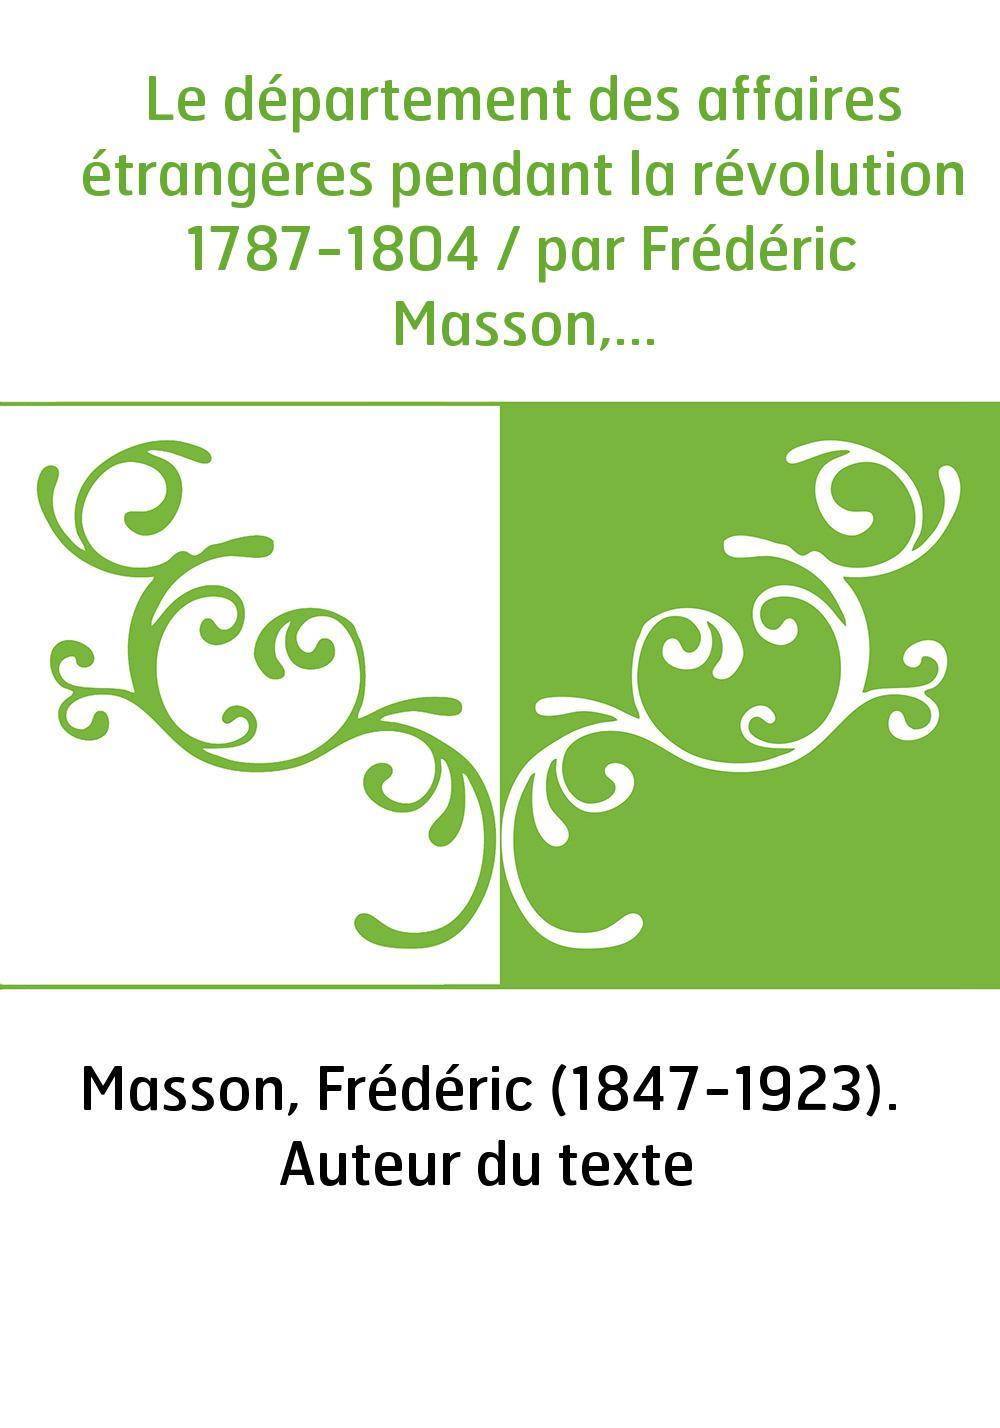 Le département des affaires étrangères pendant la révolution 1787-1804 / par Frédéric Masson,...